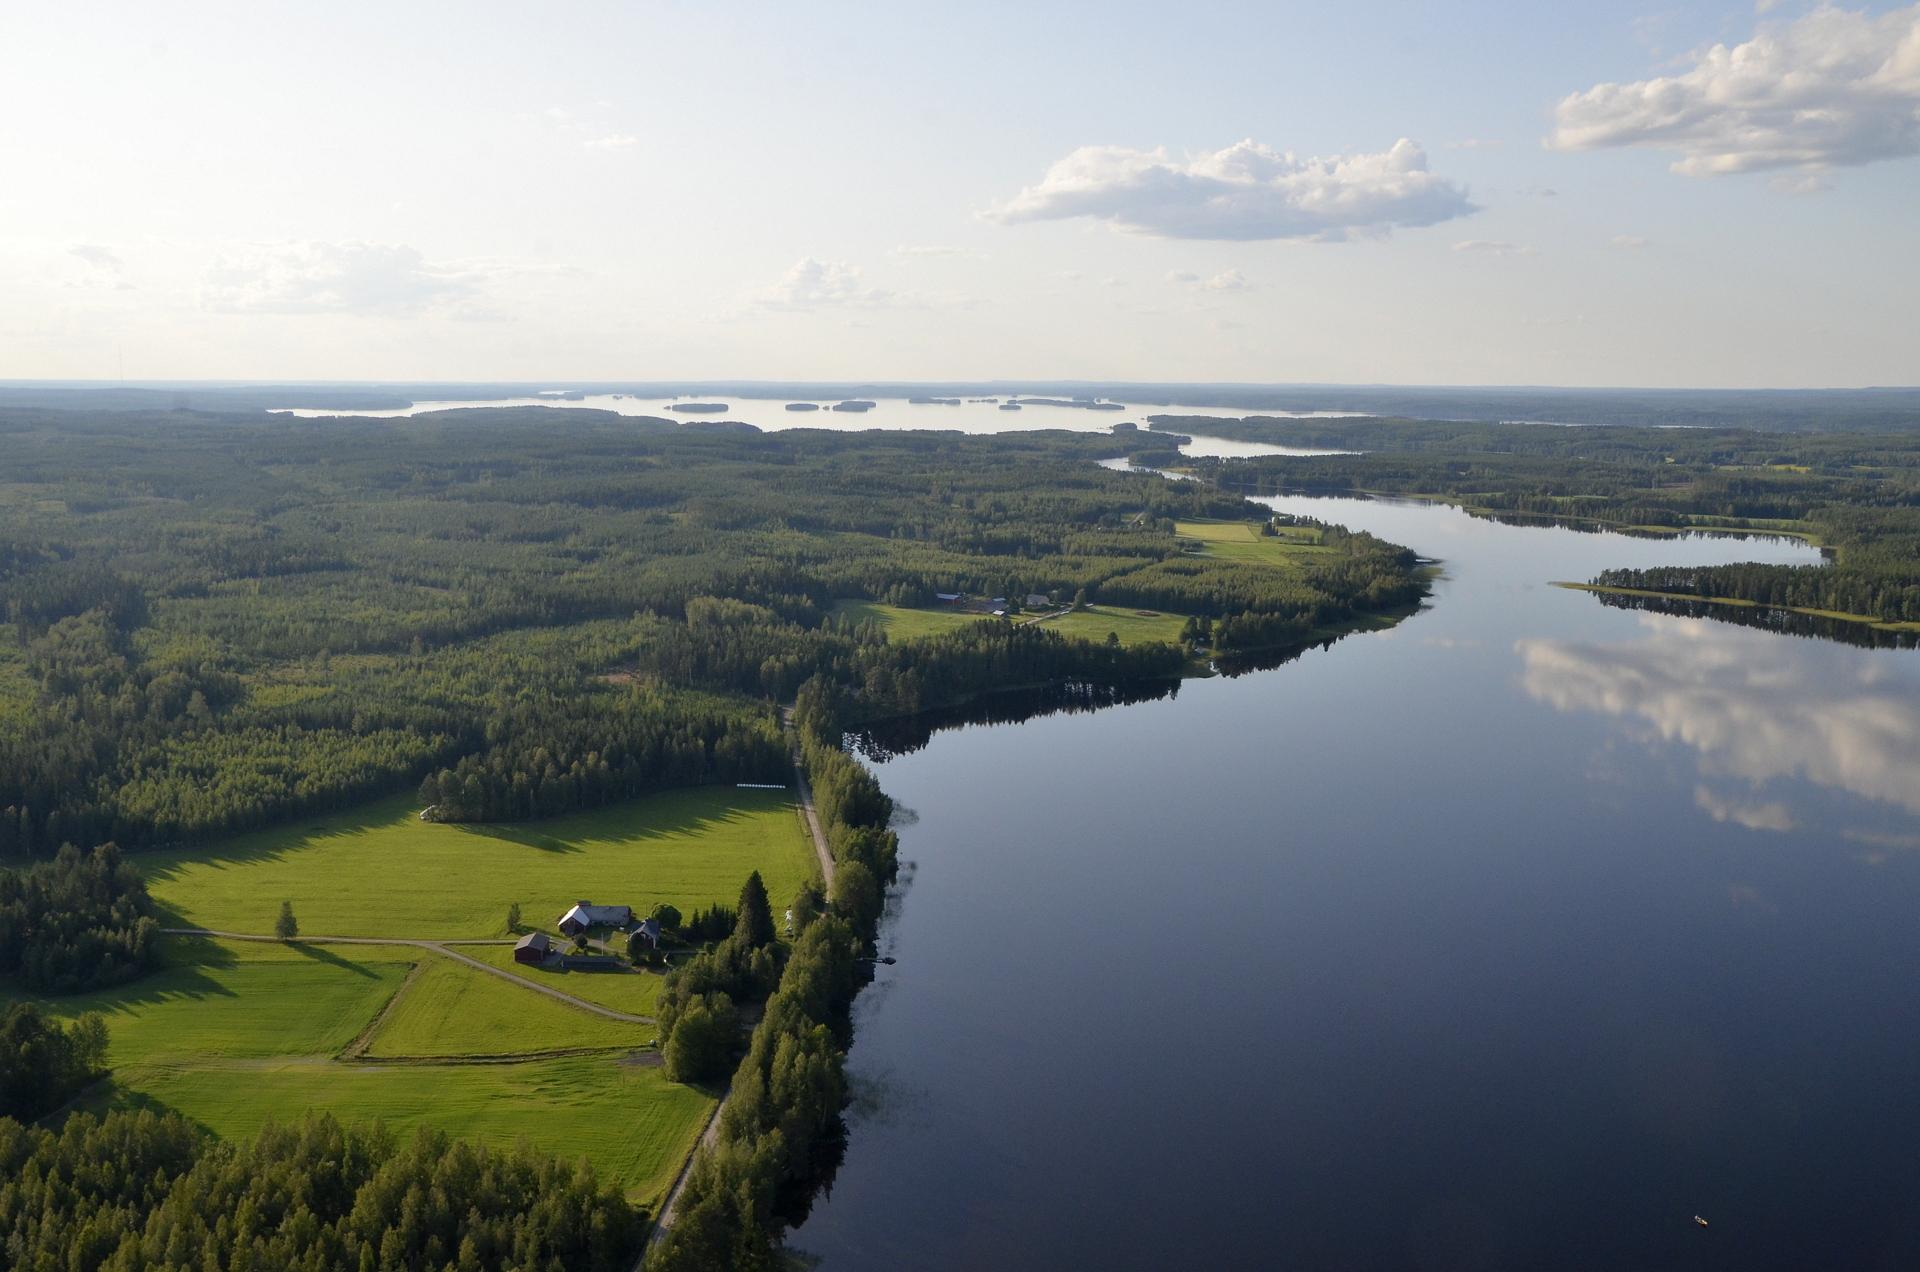 Lähimpänä Koliman Autionselkä ja vasemmalla Rantala.